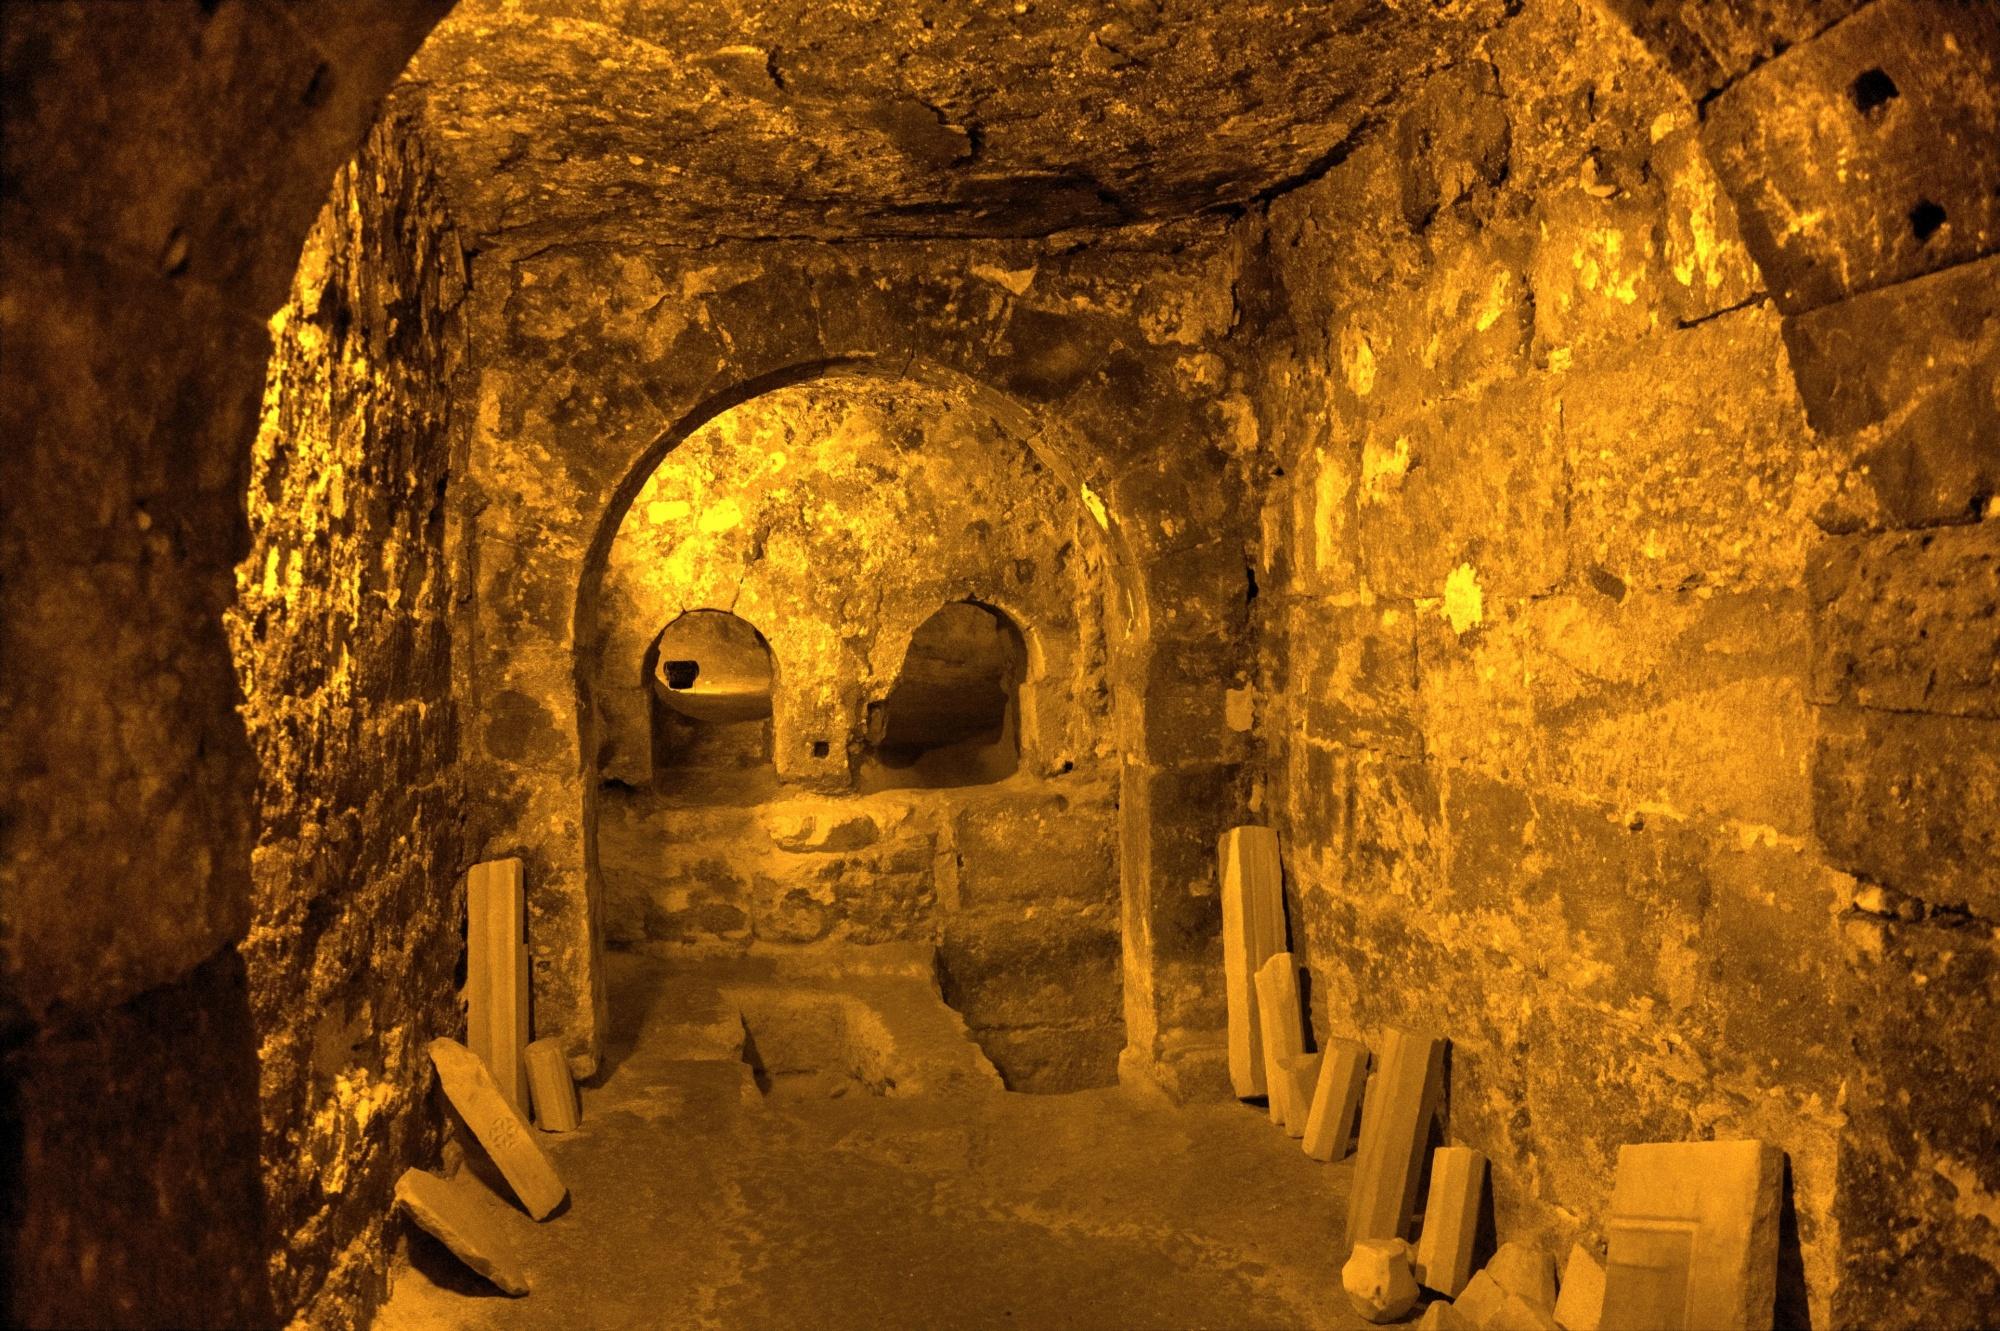 Kościół świętej Tekli w Silifke - kościół w jaskini